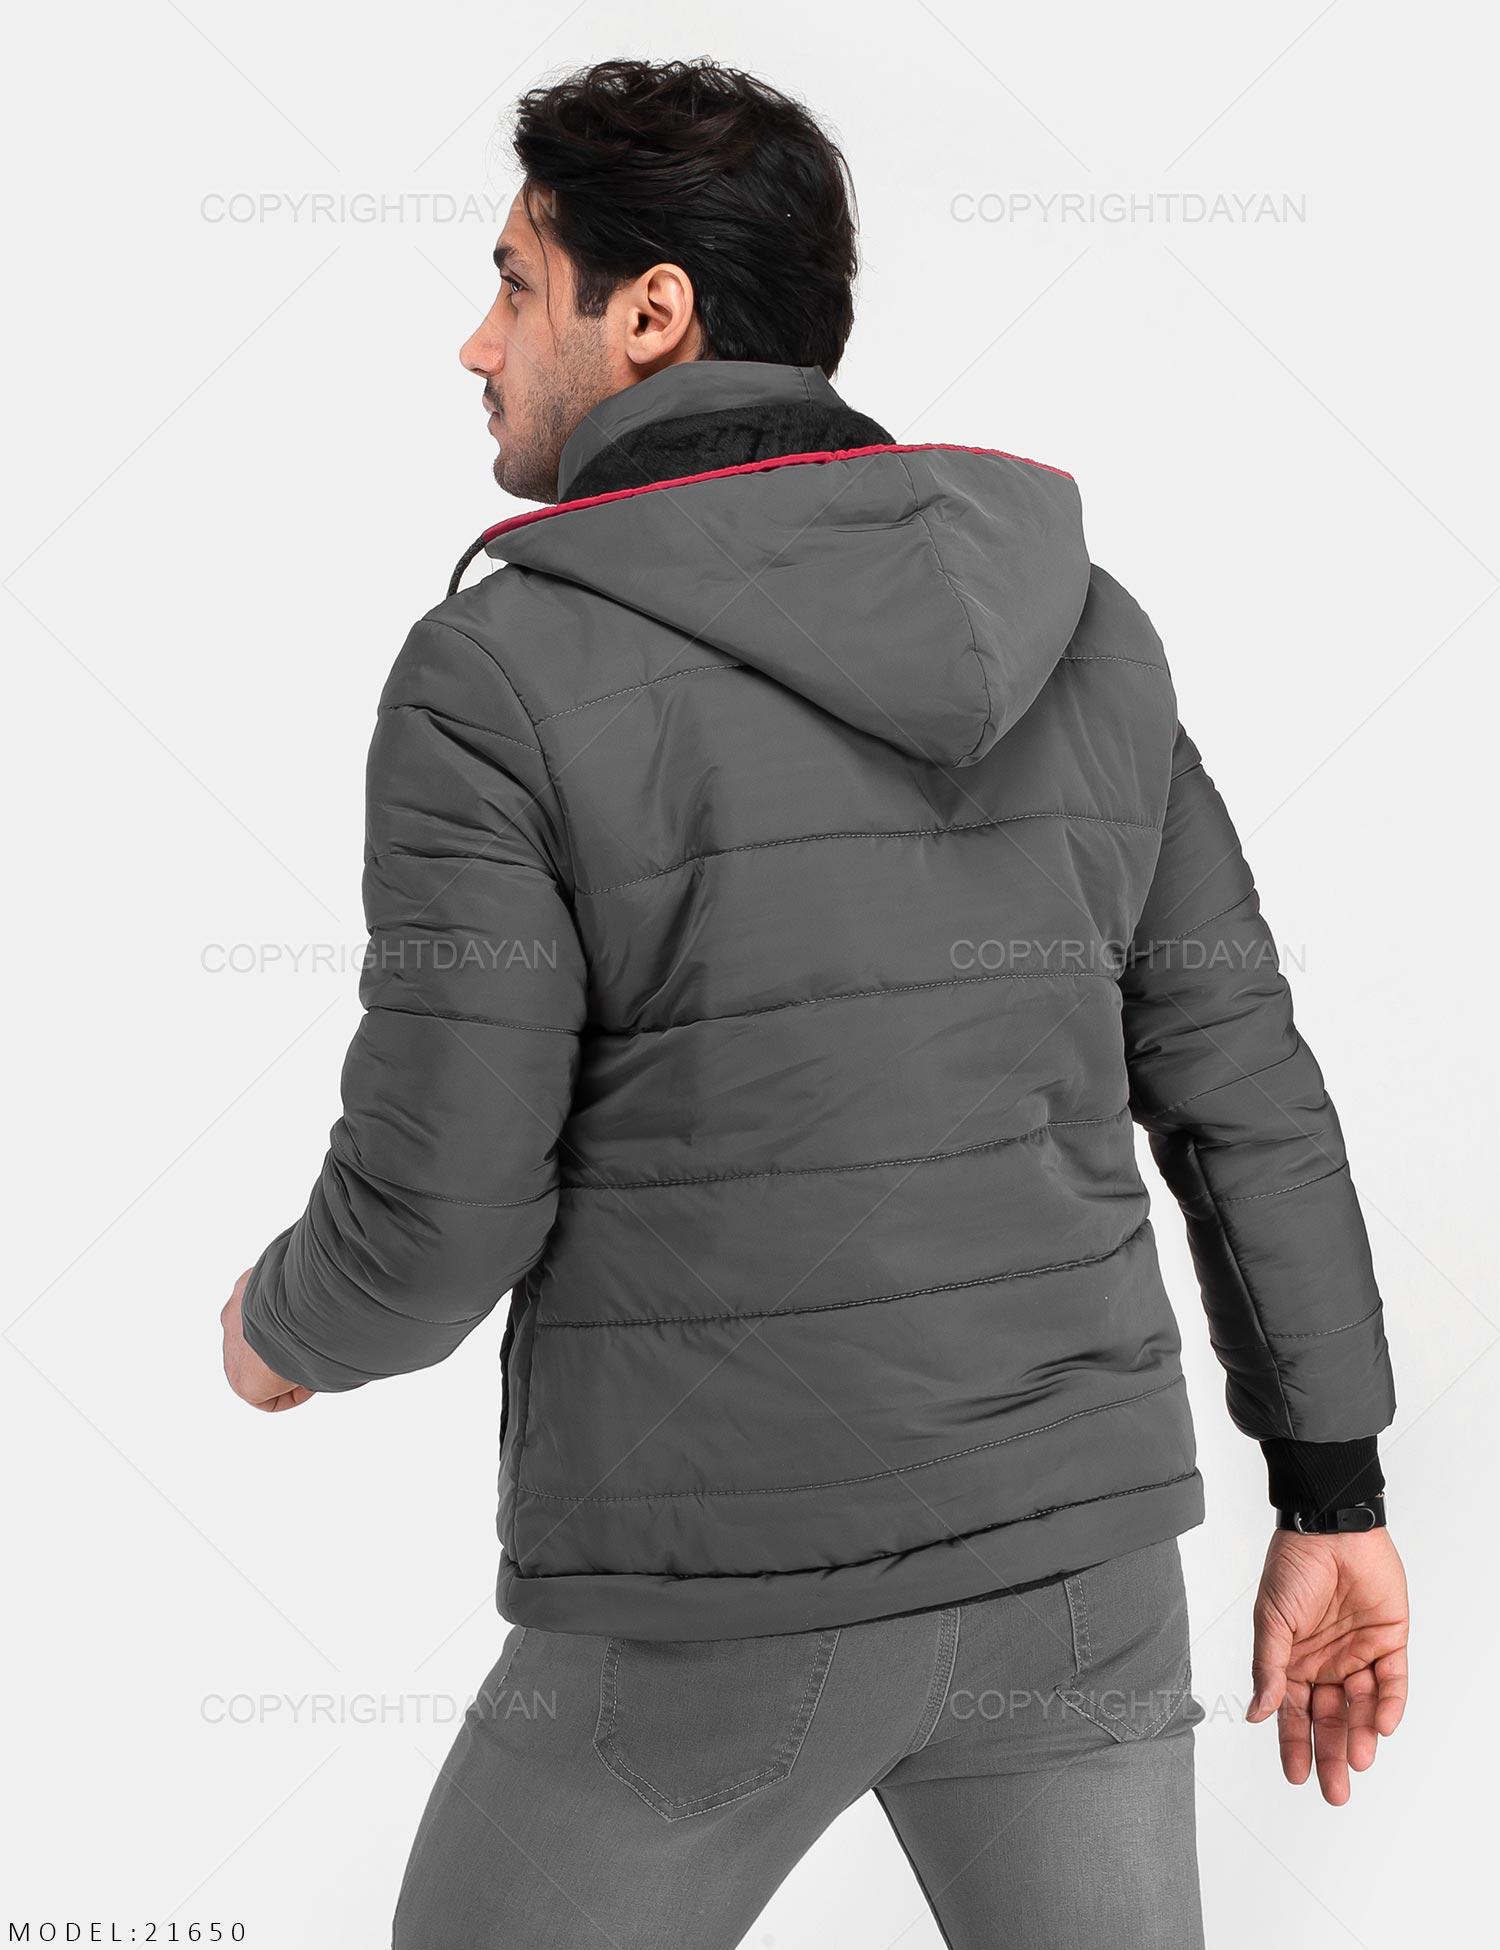 کاپشن مردانه Fashion مدل 21650 کاپشن مردانه Fashion مدل 21650 349,000 تومان